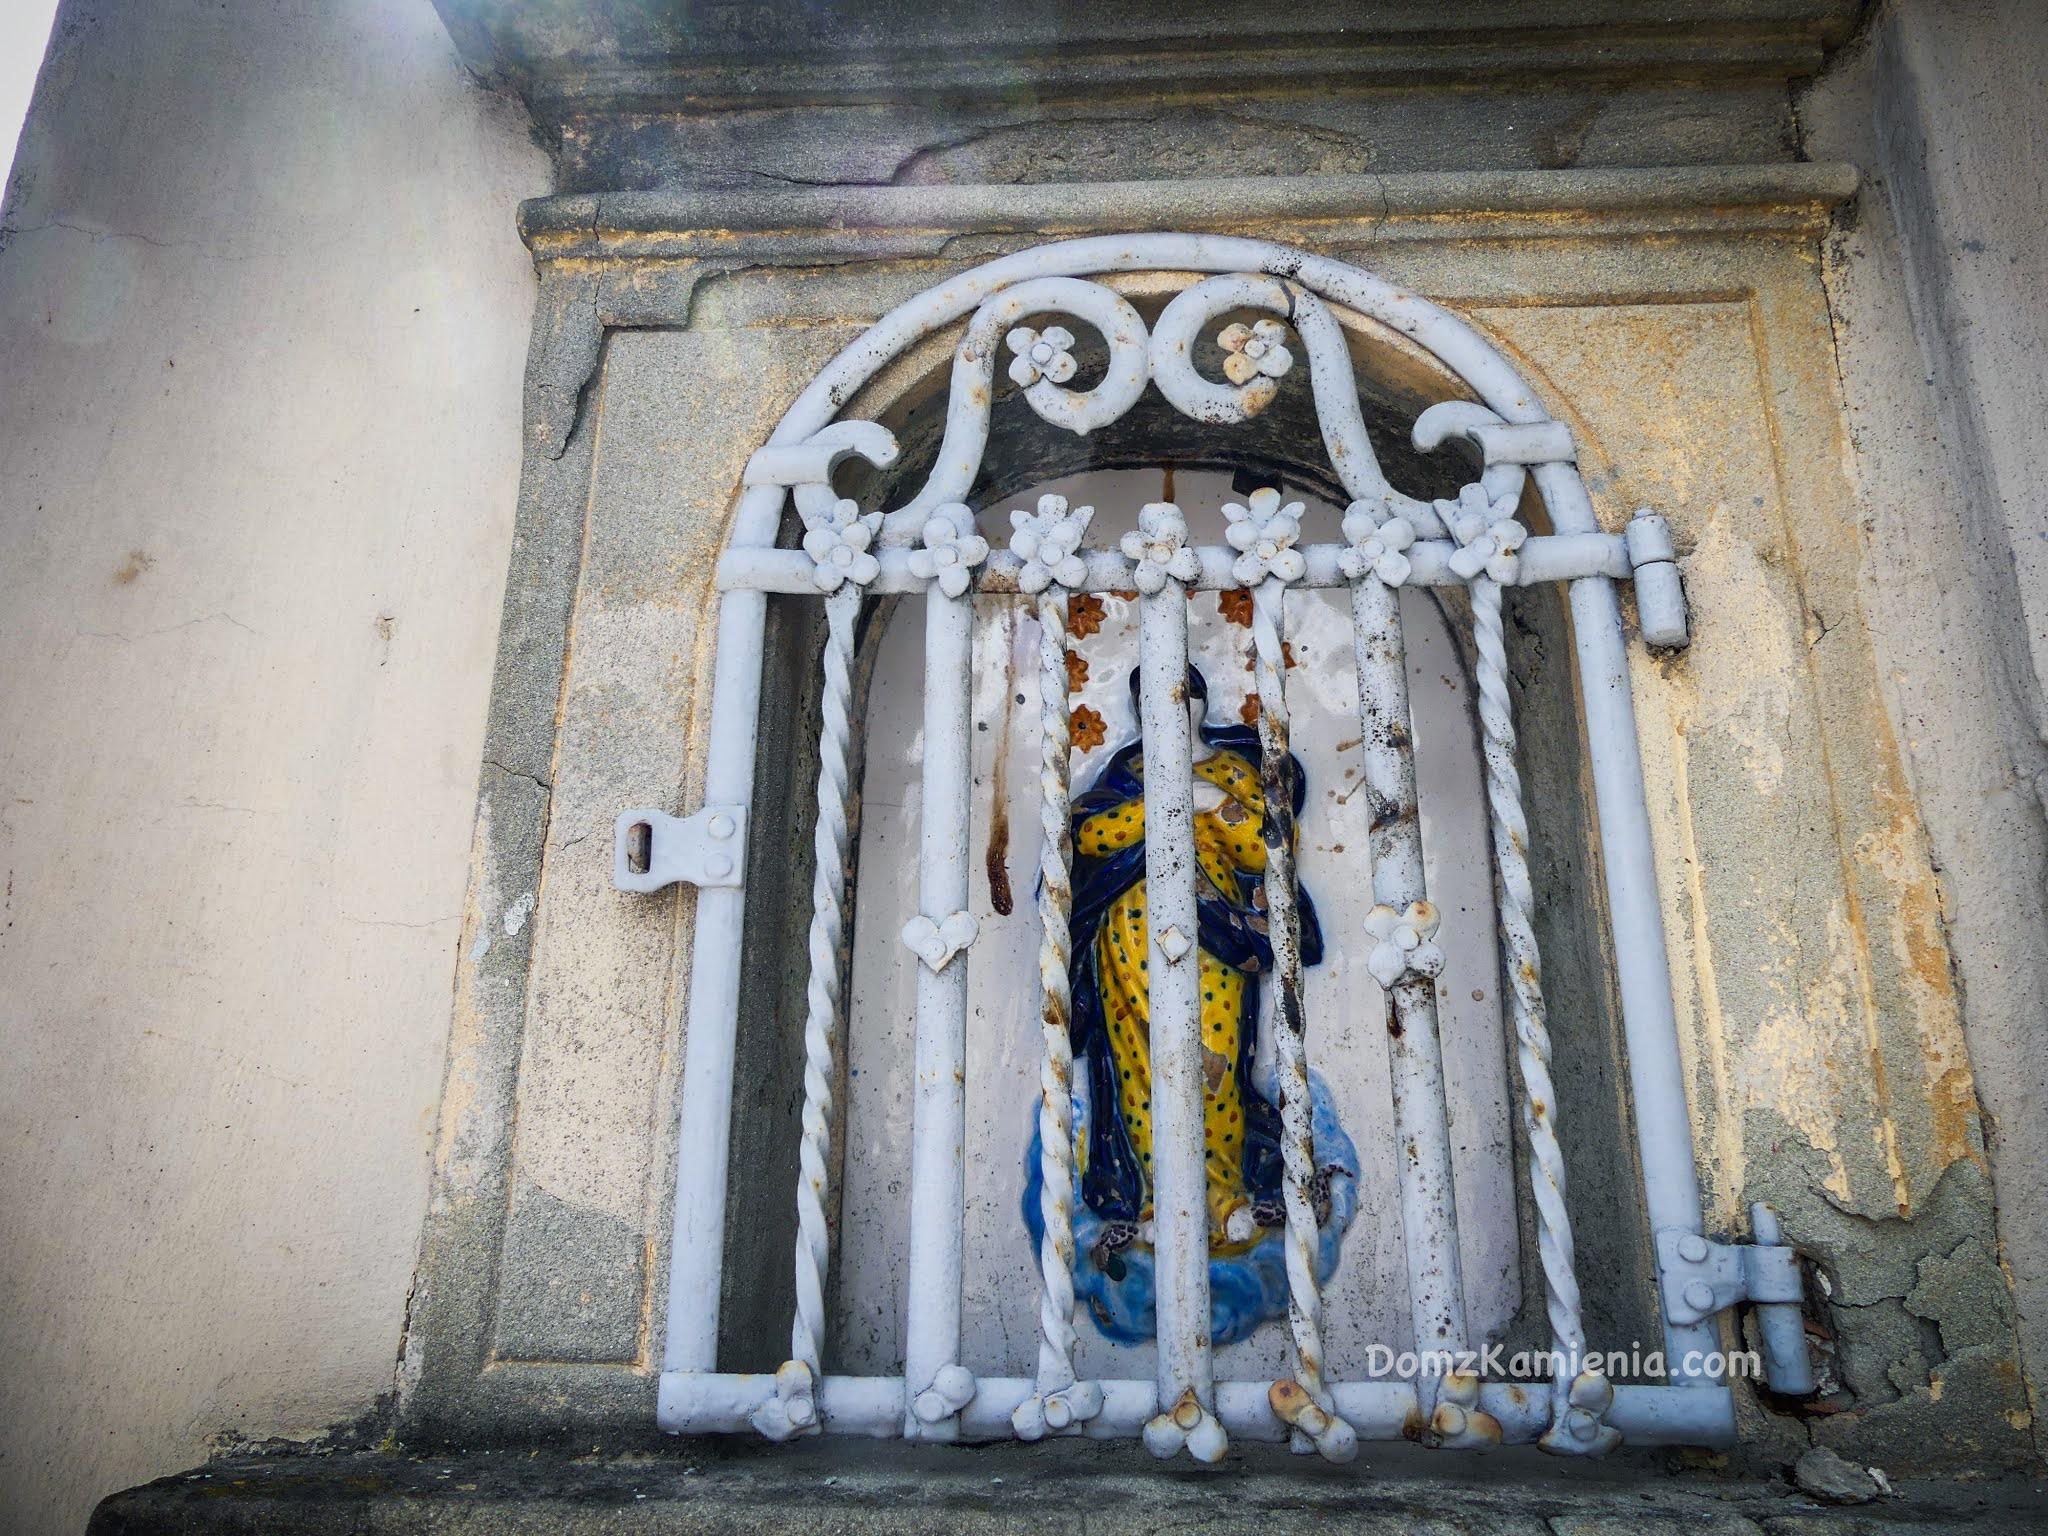 Szlak malarzy Vicchio, trekking Dom z Kamienia